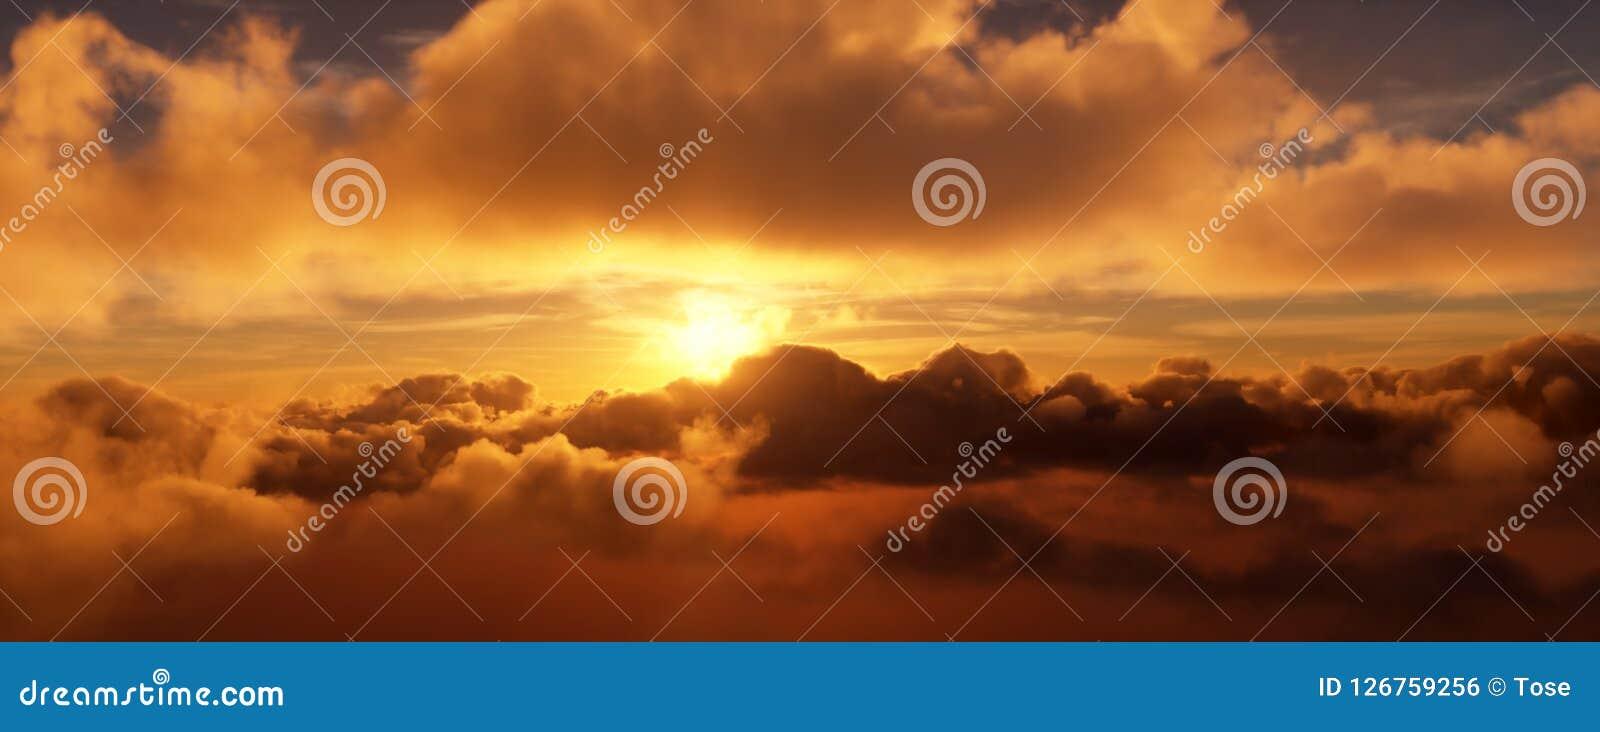 Sonnenuntergang in den Wolken Die helle Scheibe der Sonne wird teils durch die Wolken versteckt Wiedergabe 3d